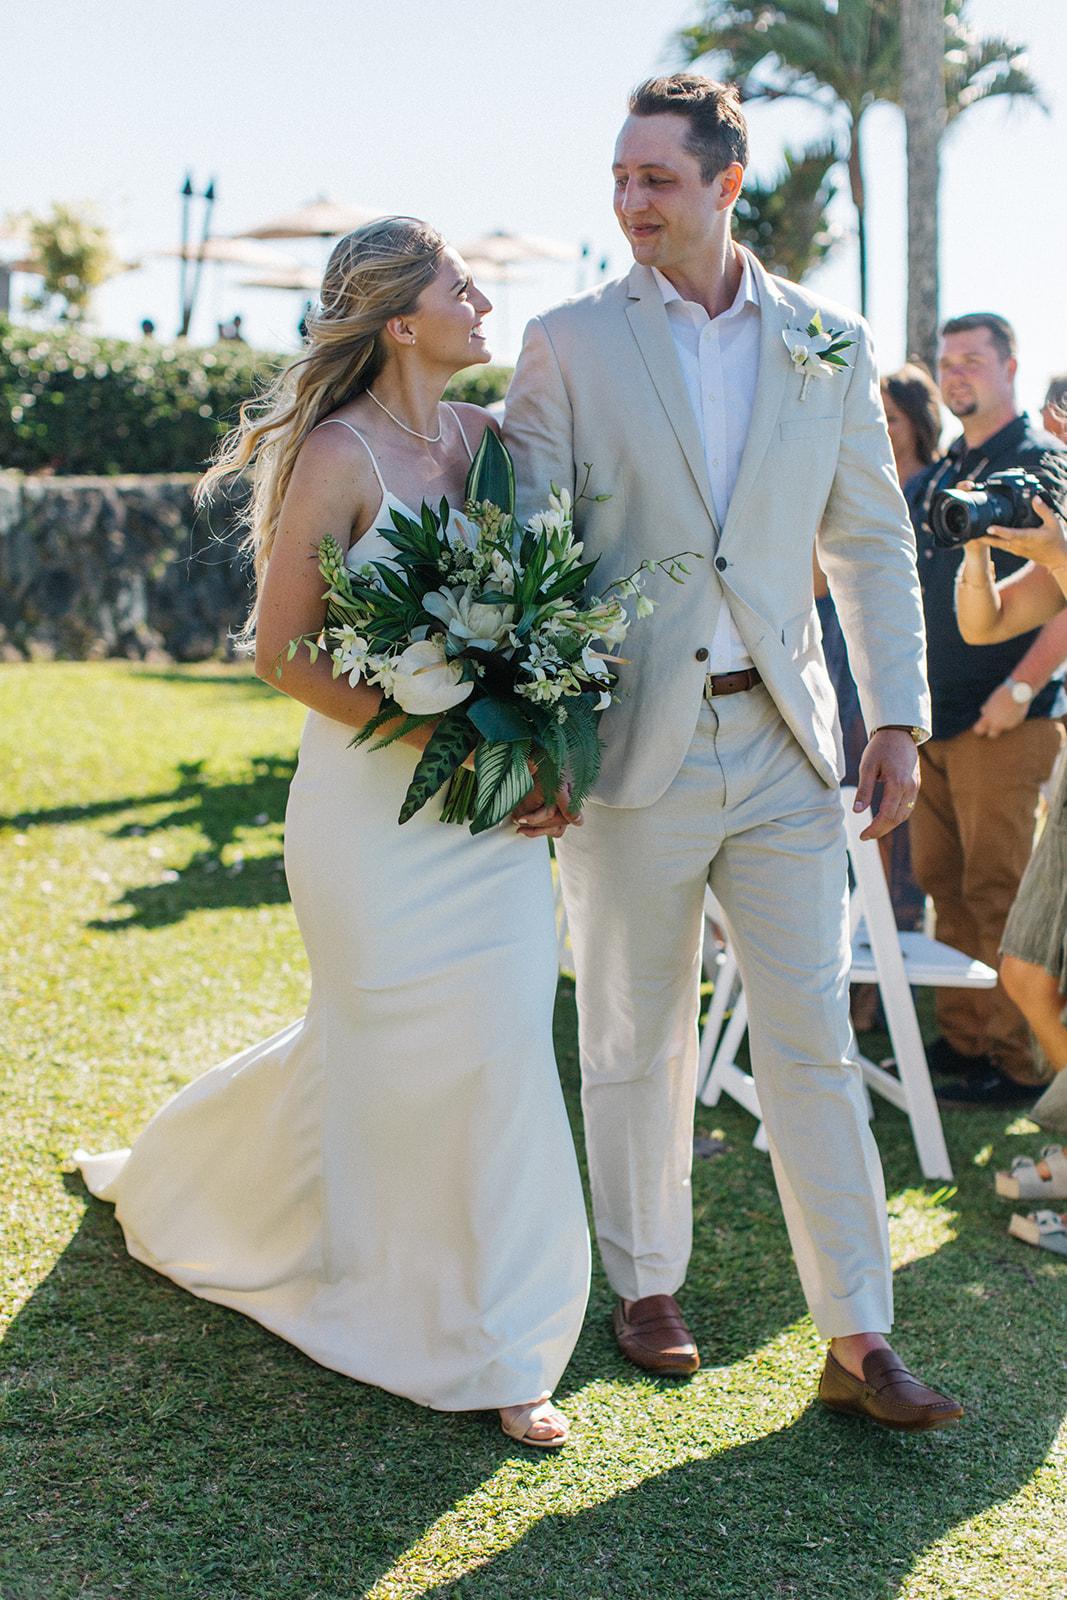 happy couple newlyweds spokane bride and groom hawaii wedding